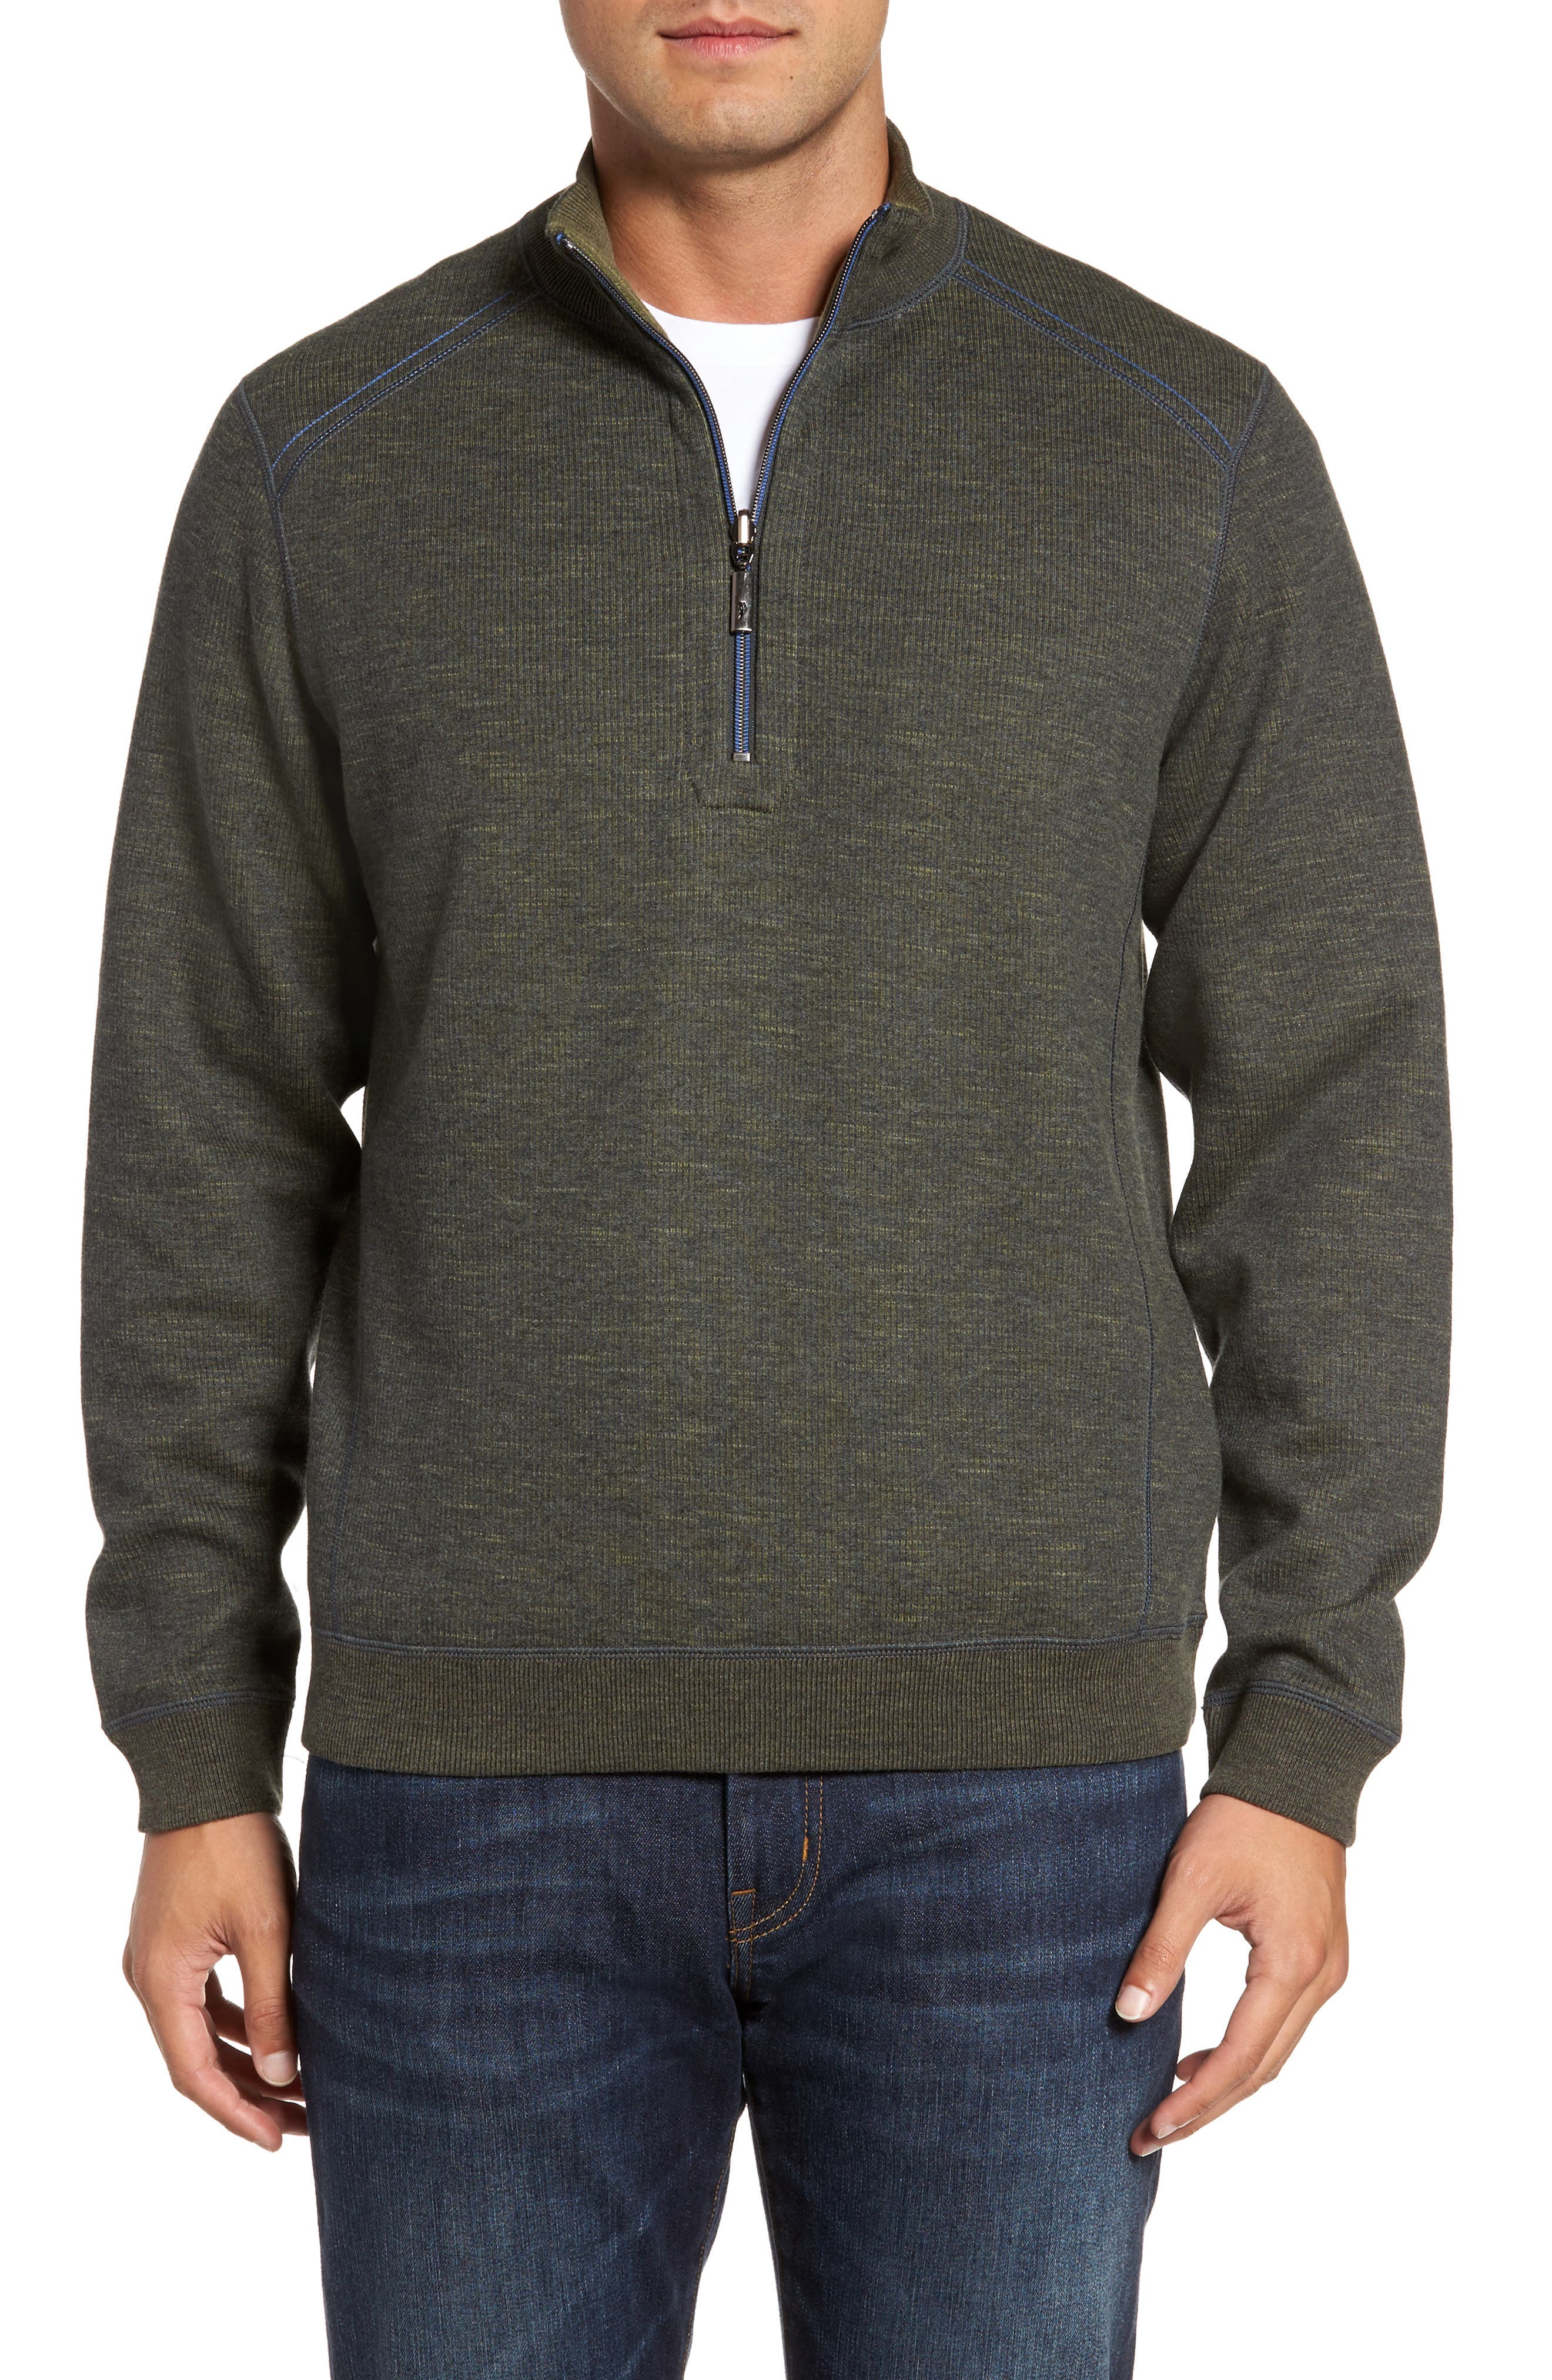 Flipsider Reversible Quarter-Zip Pullover,                         Main,                         color, Steel Wool Heather